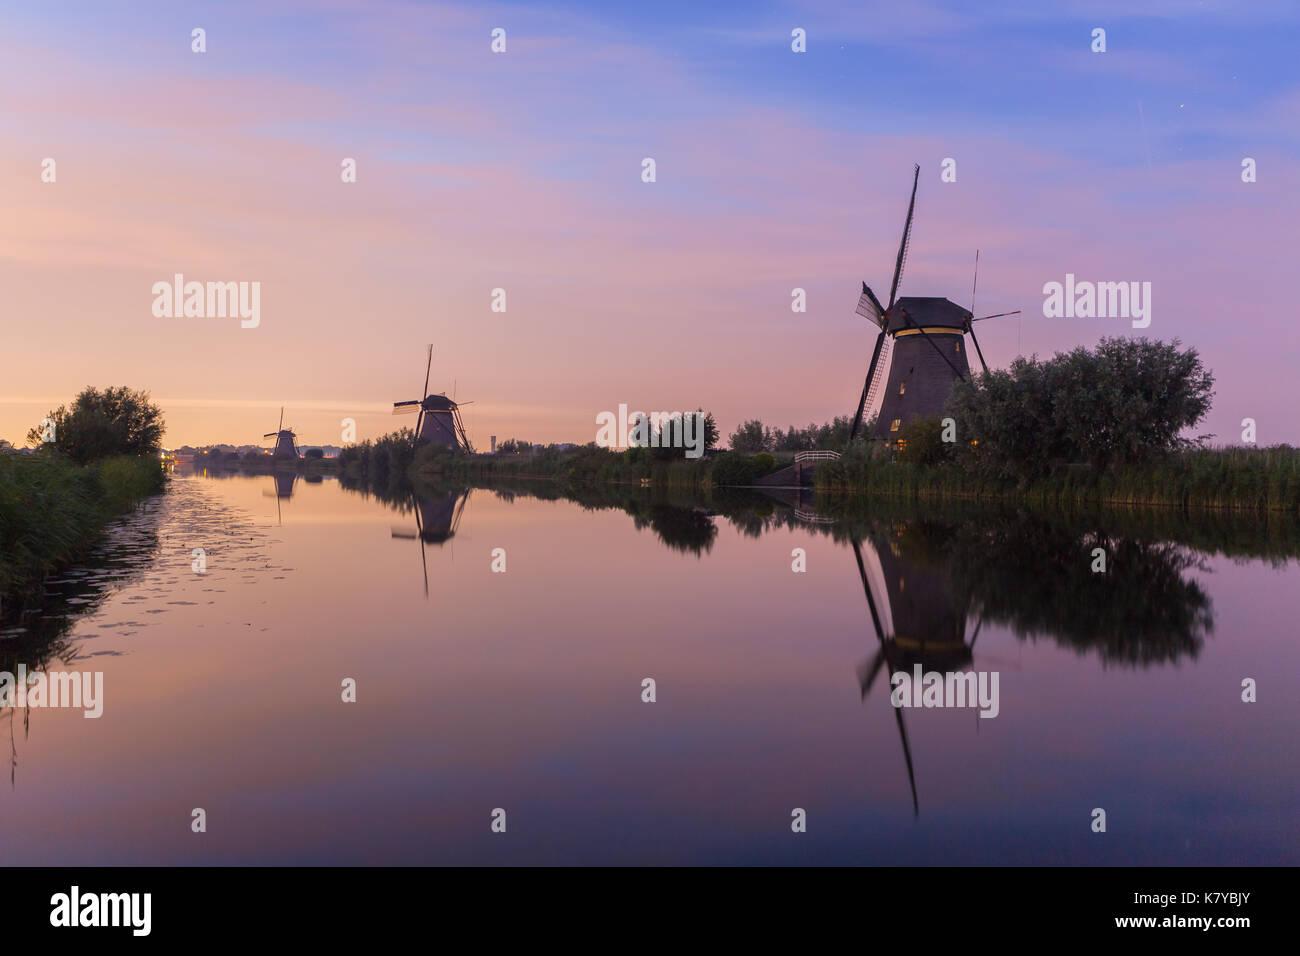 Moulins à vent de Kinderdijk, un site du patrimoine mondial de l'unesco, sont alignés au bord de l'eau au coucher Banque D'Images